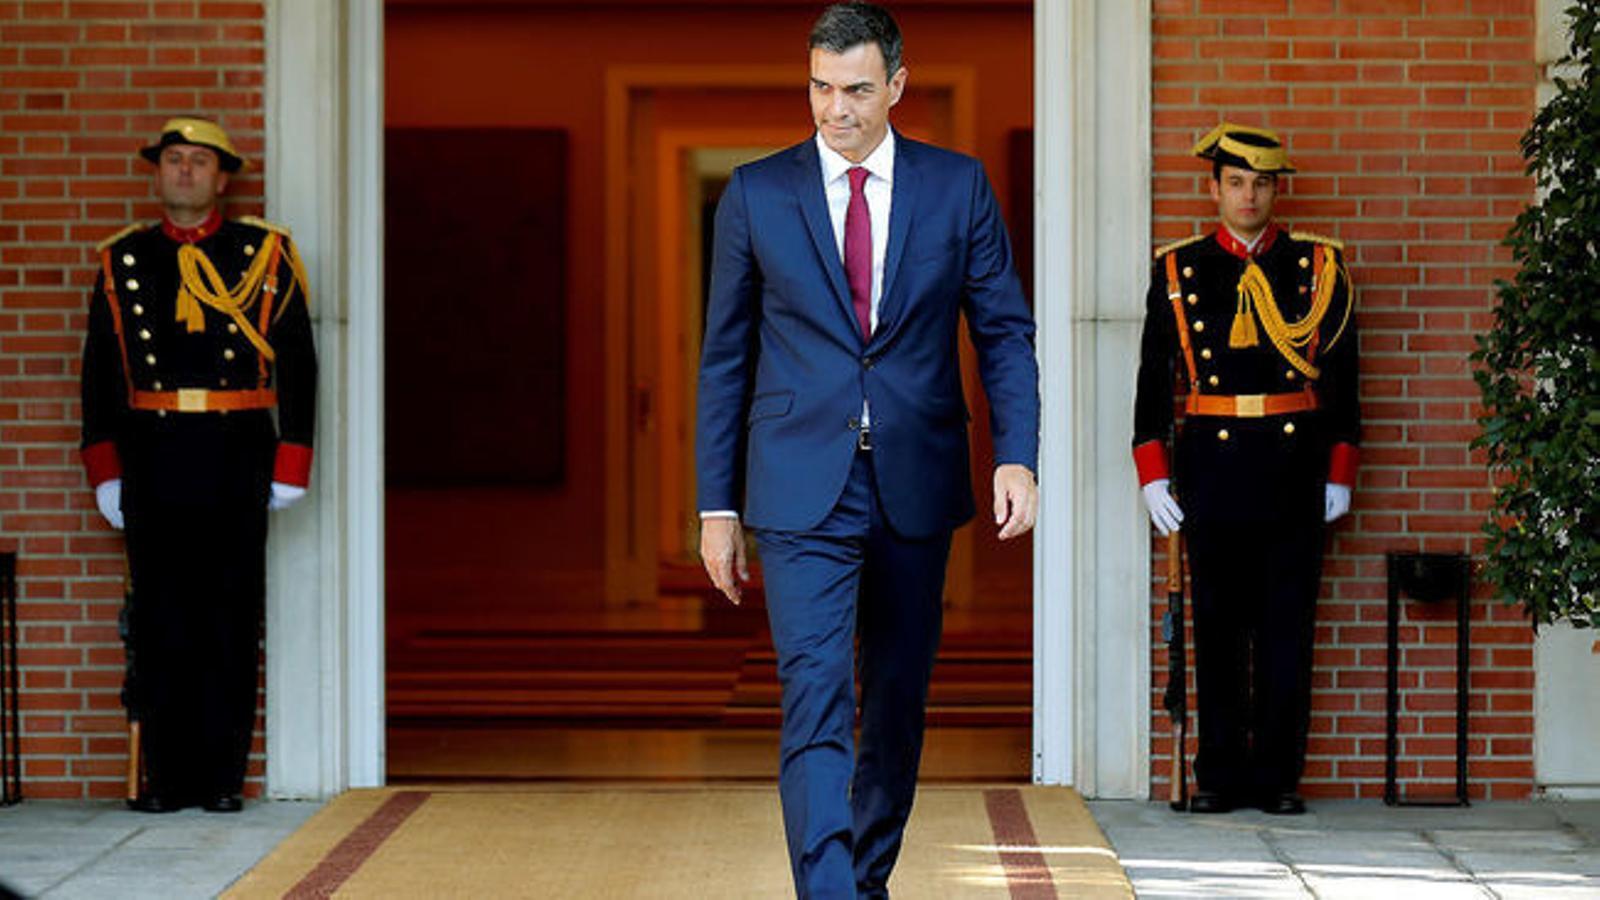 El 74% dels espanyols volen eleccions generals el 2019 si no s'aproven els pressupostos